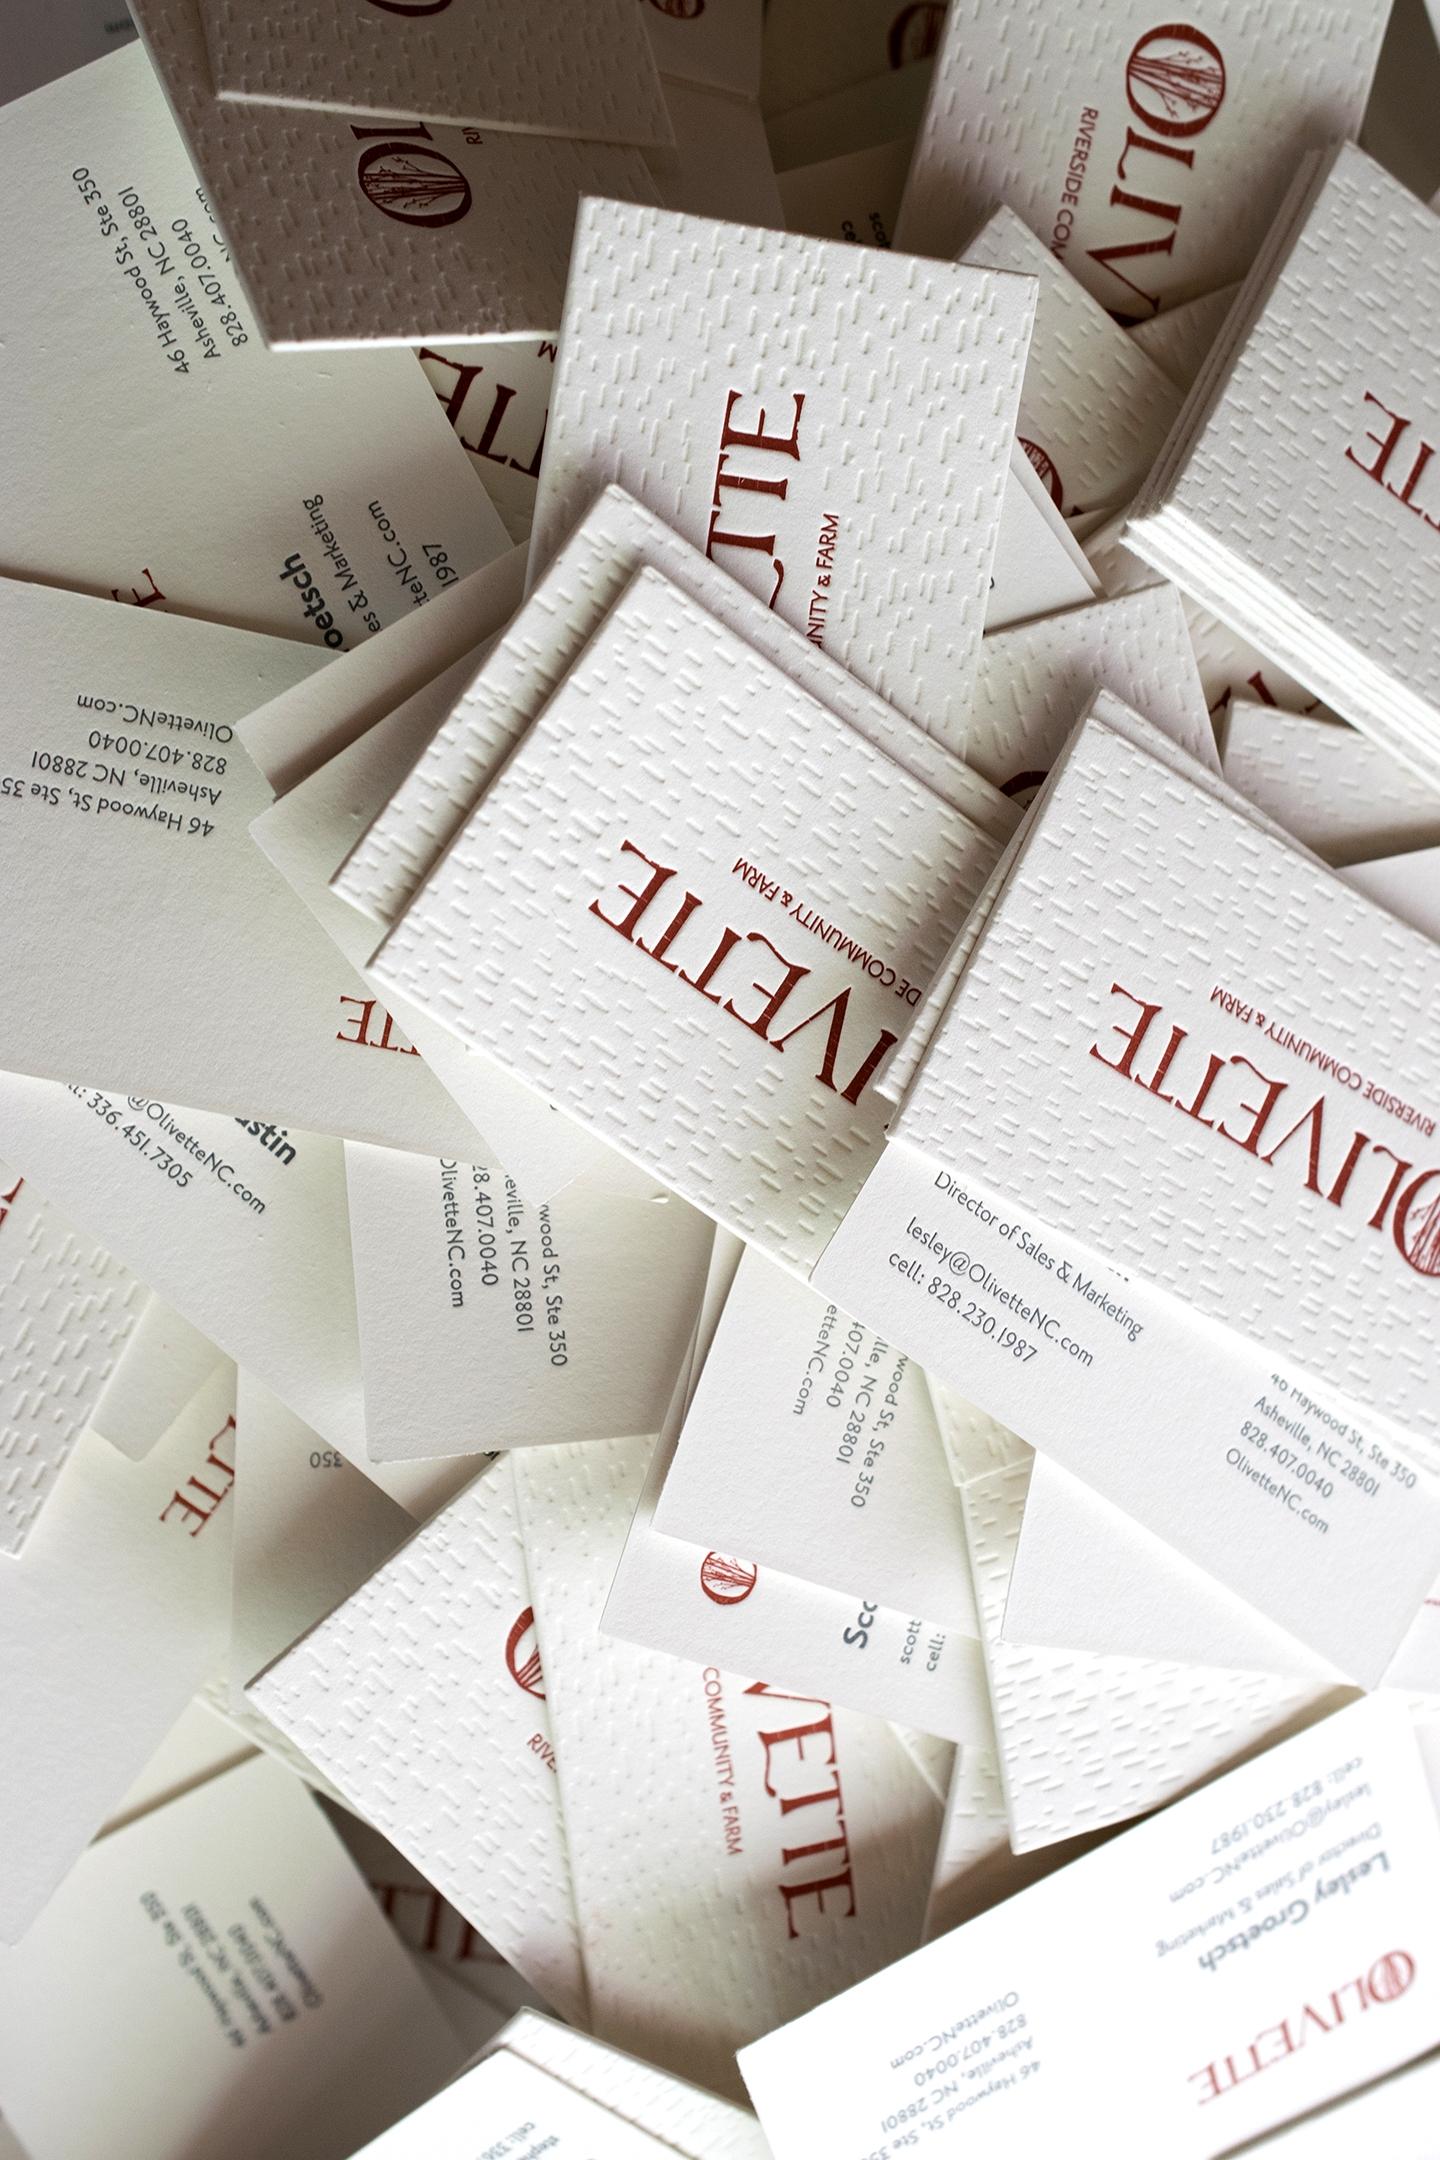 Olivette Business Cards : Design by  828 Design  : Letterpress Printed 2/2